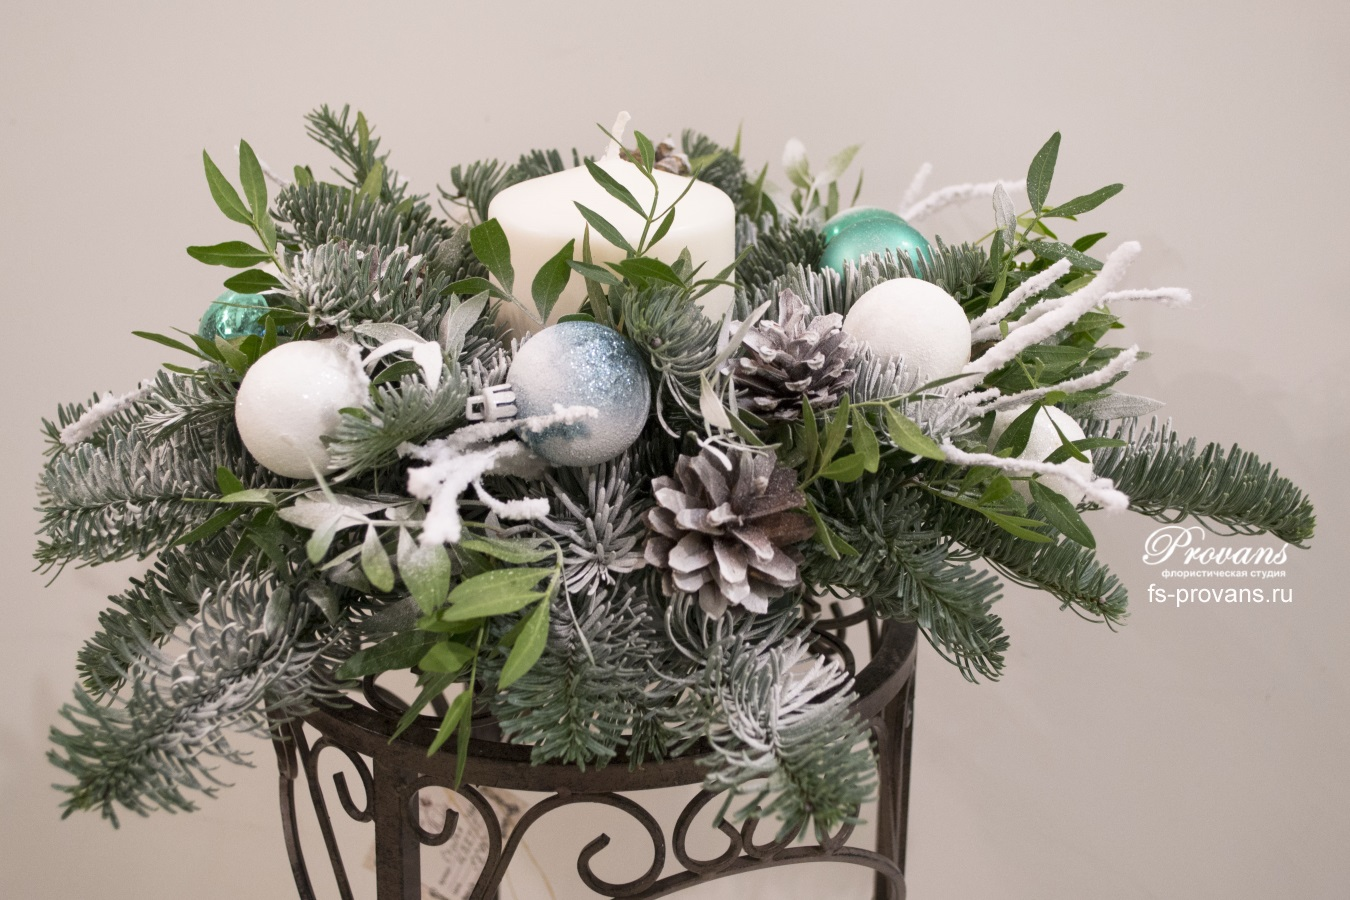 Украшение на Новый год и Рождество. Датская ель, свеча, декор